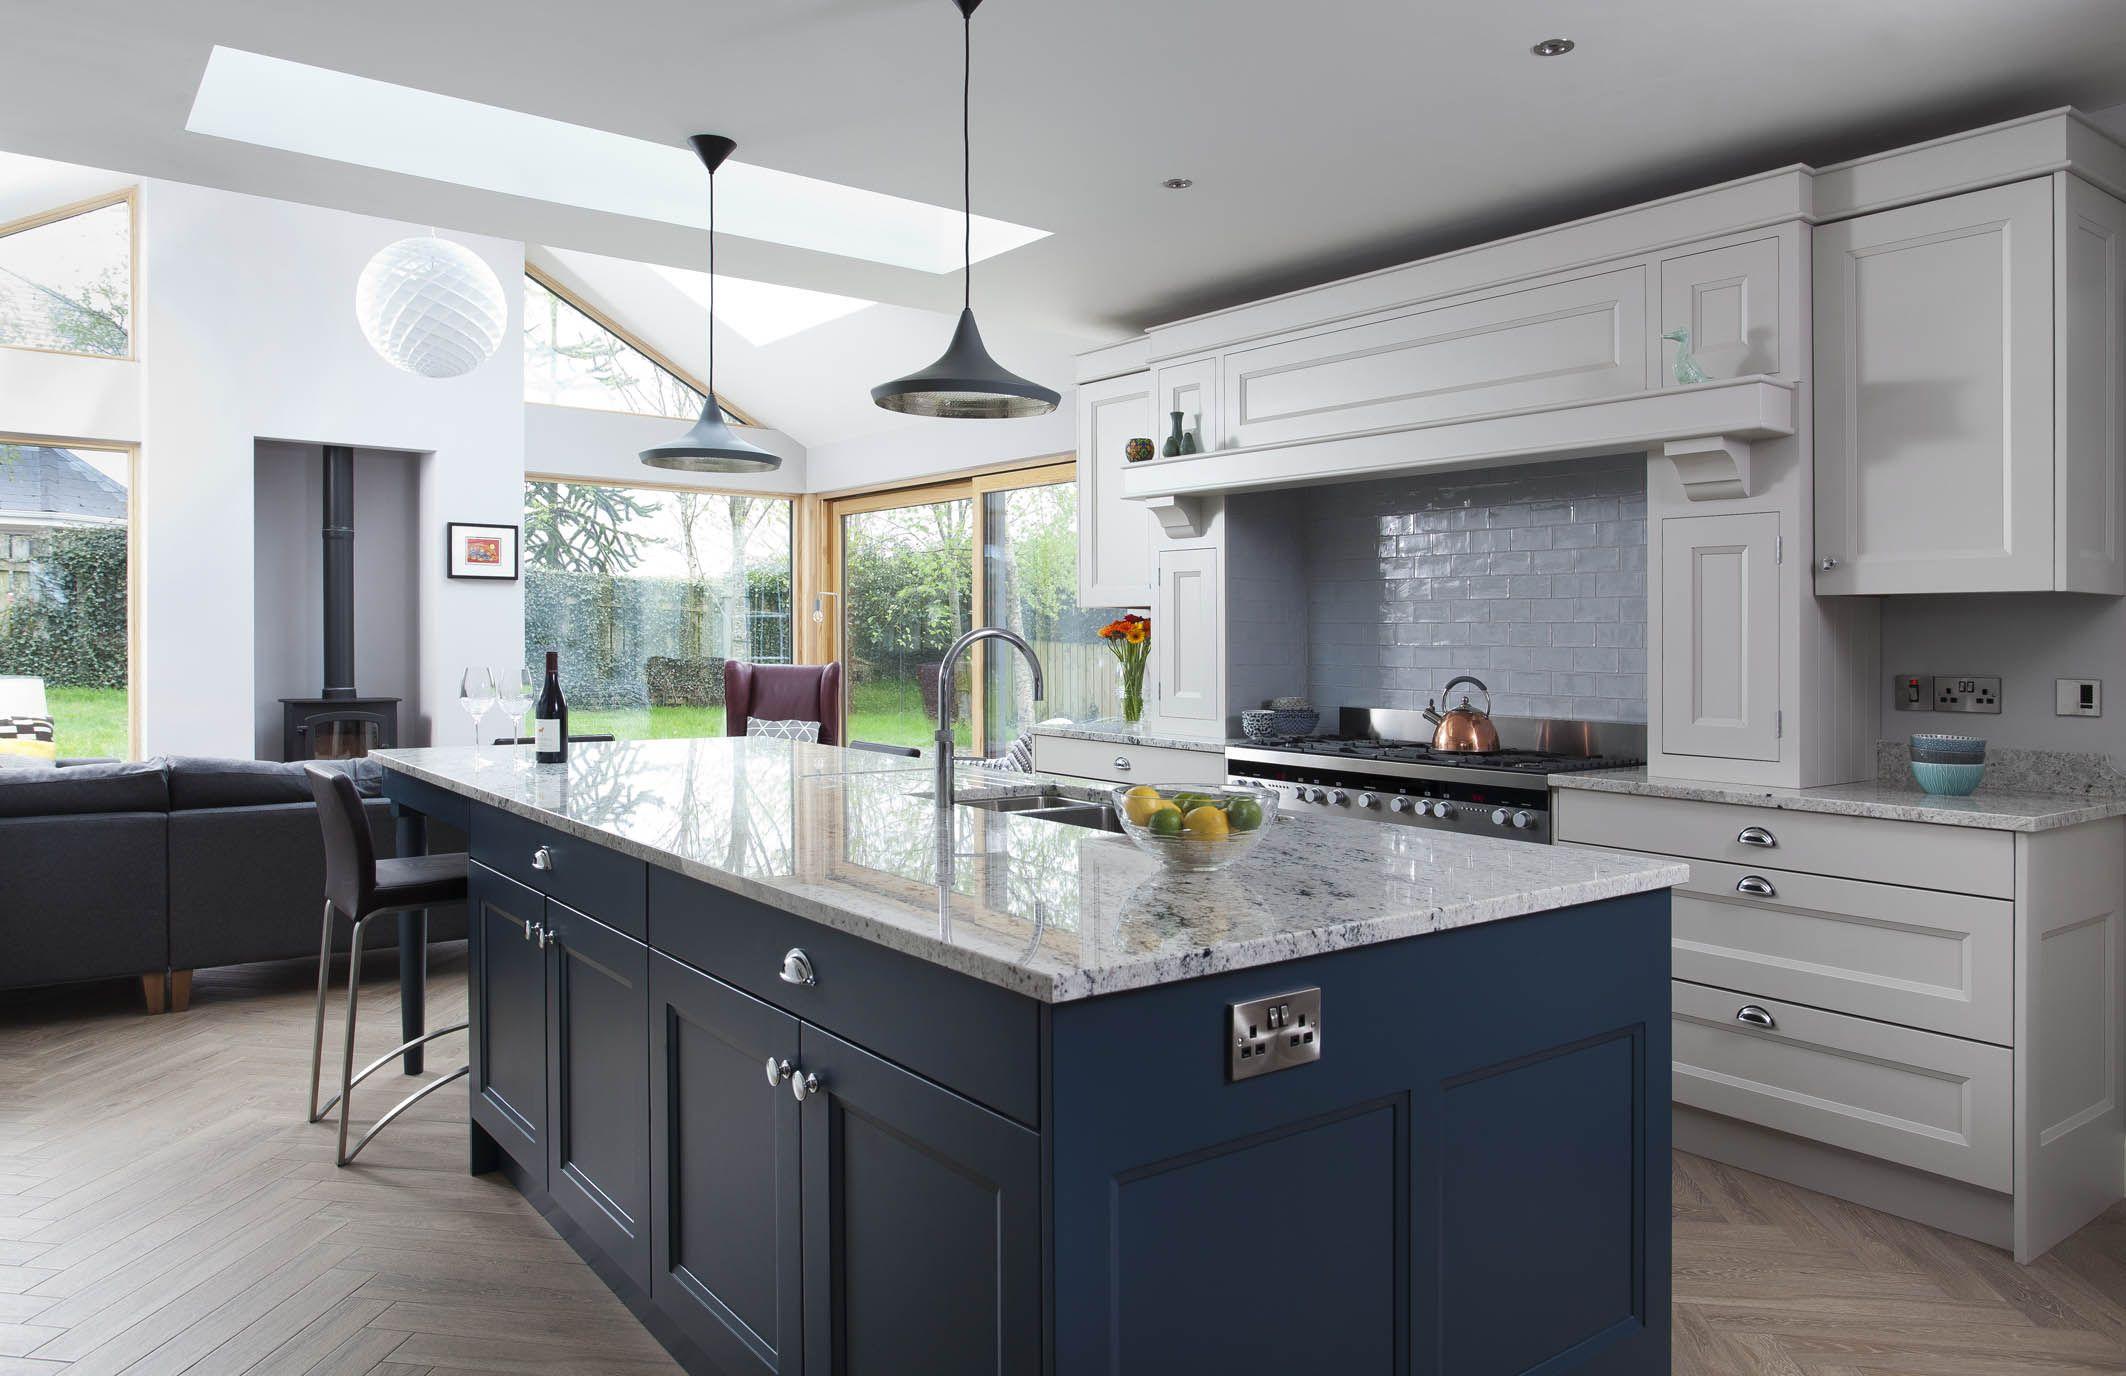 Kitchen Design Ideas Northern Ireland Kitchen design